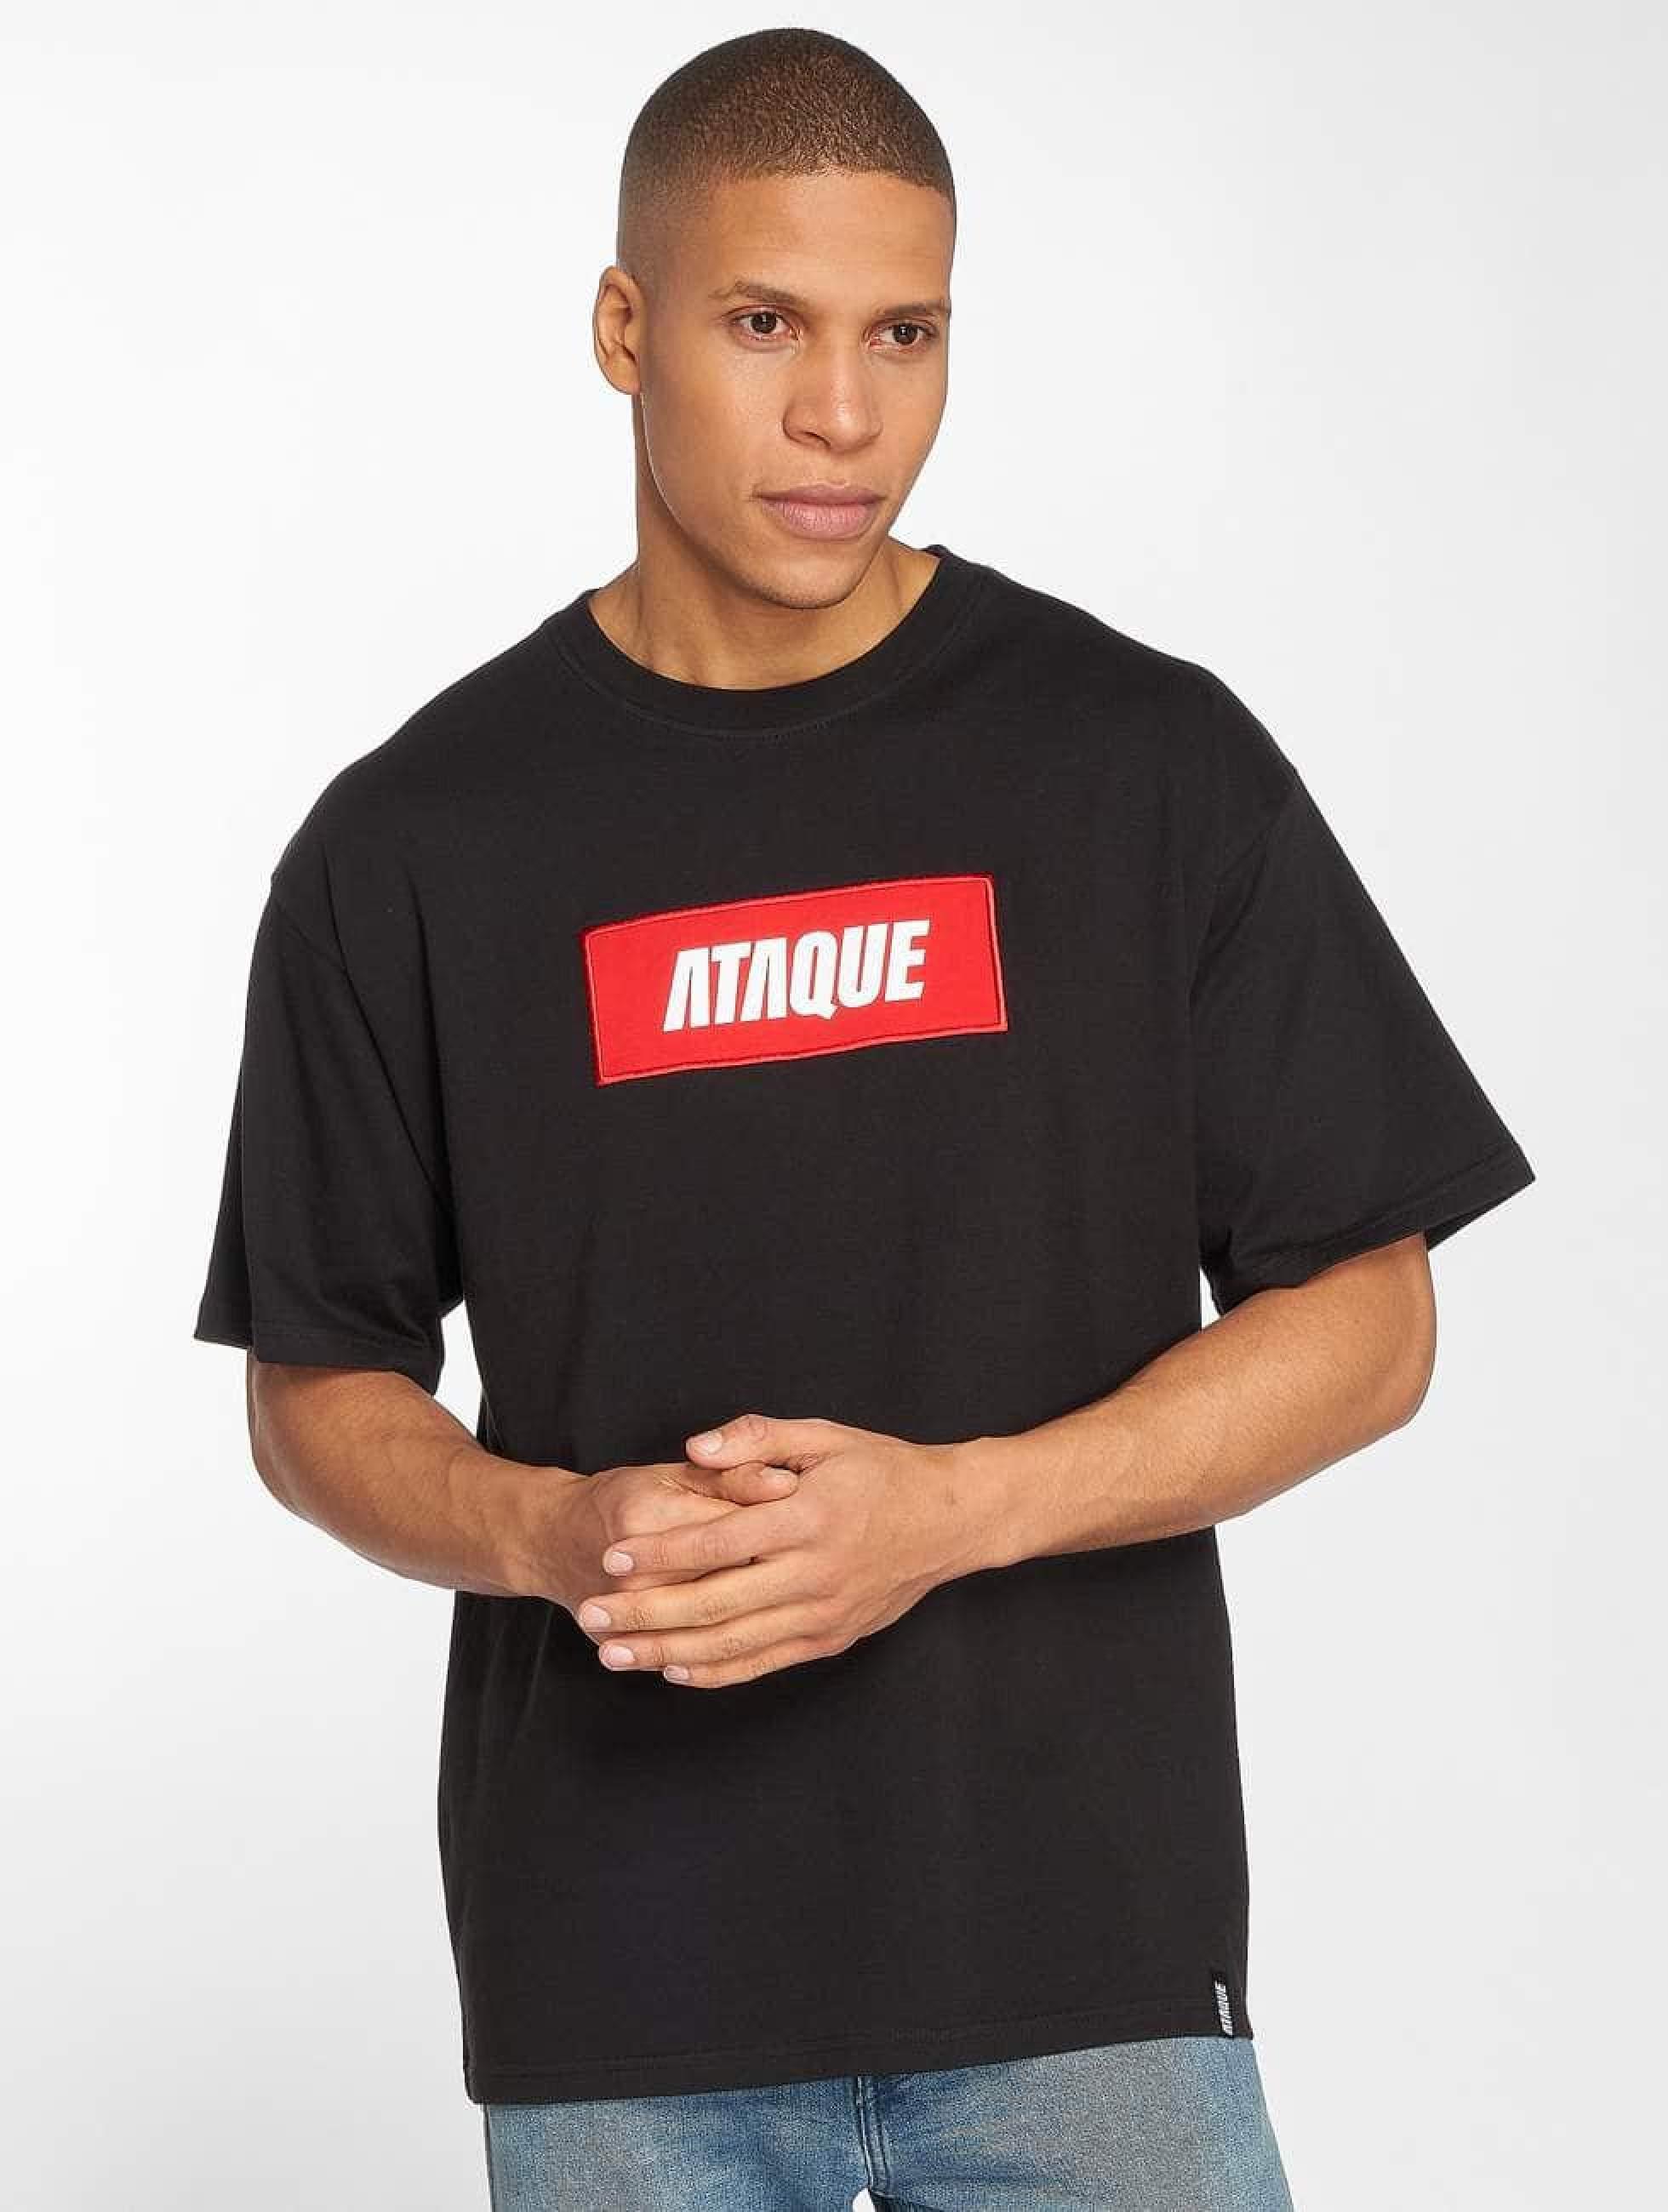 Ataque / T-Shirt Mataro in black M